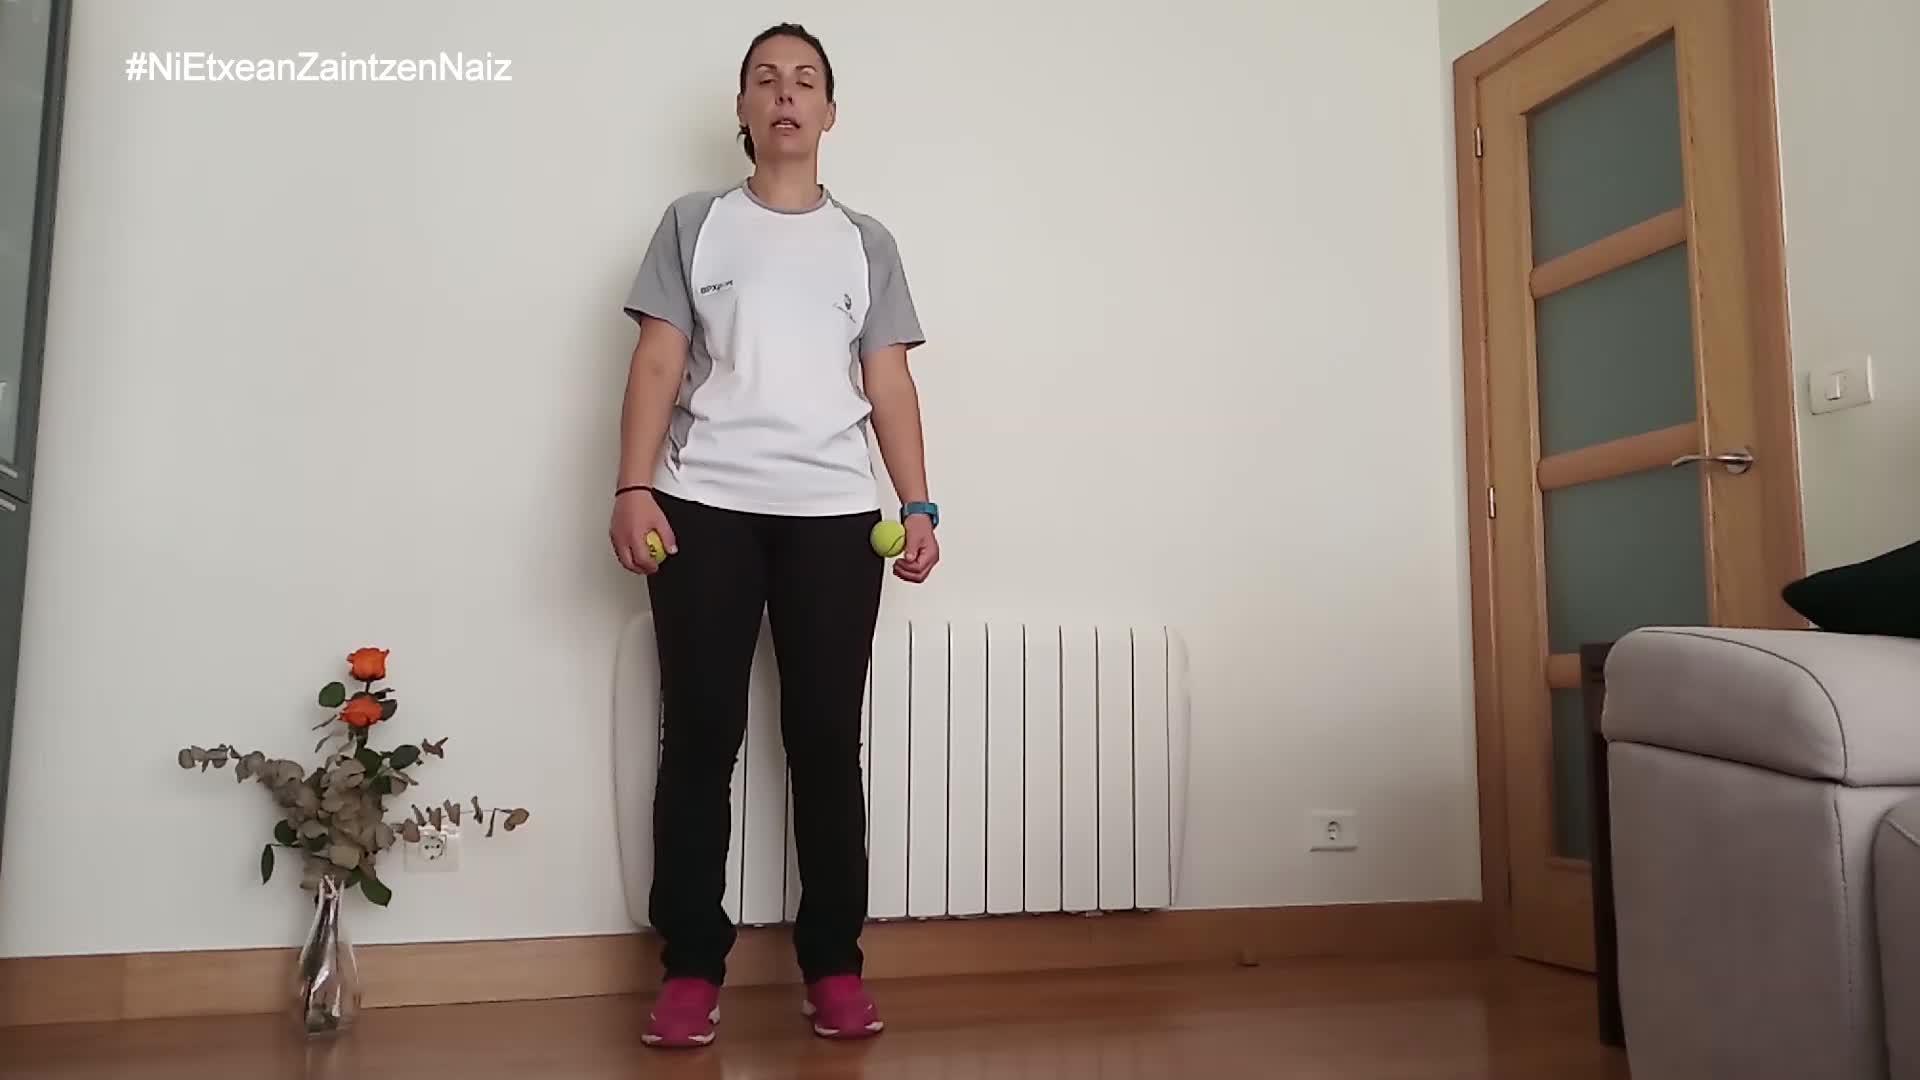 #NiEtxeanZaintzenNaiz: Zarauzko kiroldegiko begiraleen gazteen 35. saioa